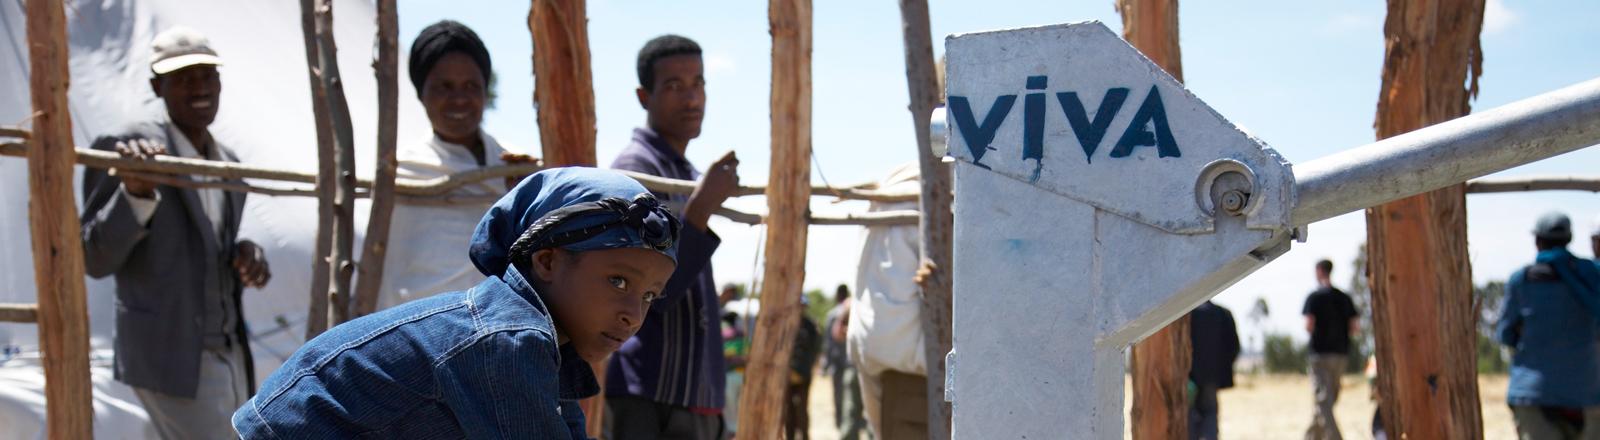 Ein kleines Mädchen steht in Afrika an einem Brunnen und füllt Trinkwasser in eine Plastikflasche.